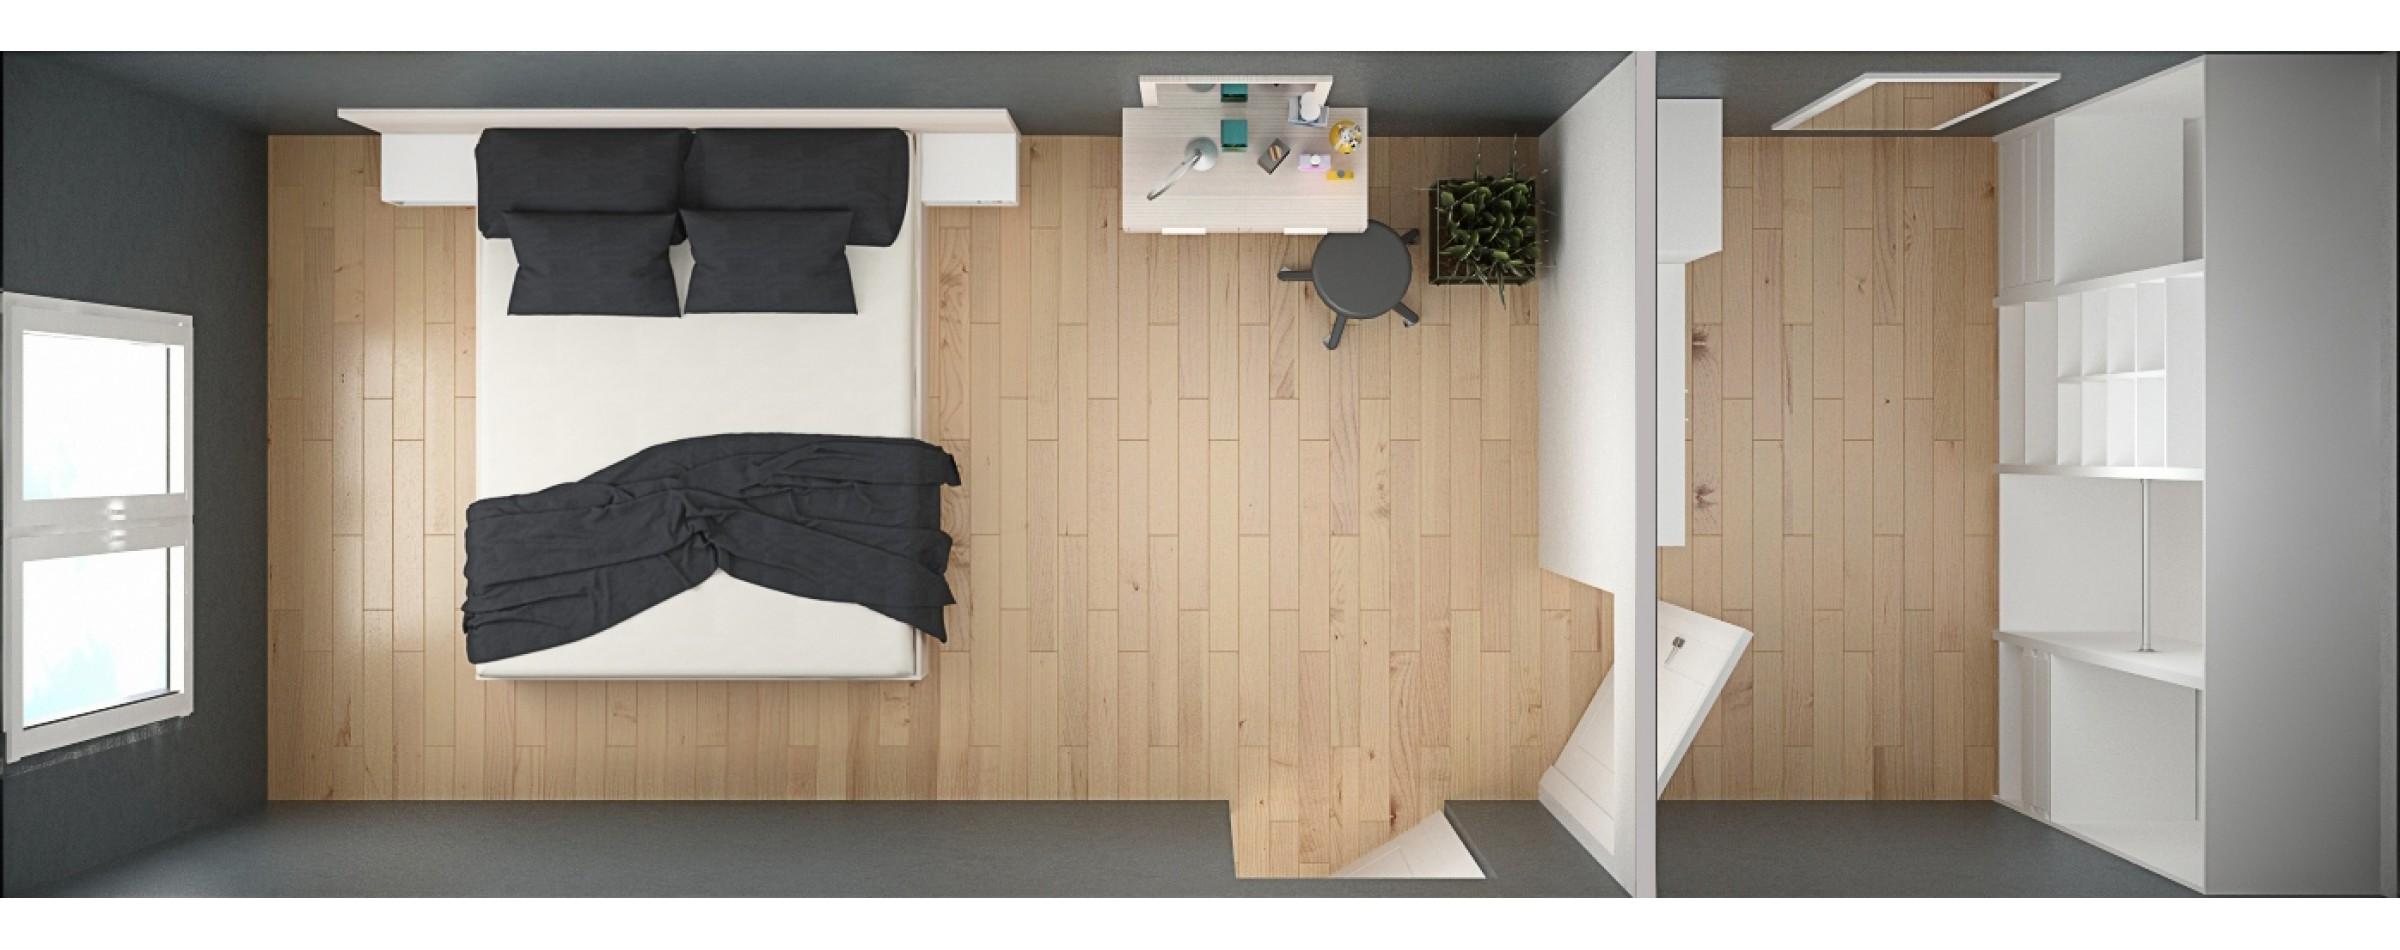 А хочешь, расставим мебель в твоём интерьере? Бесплатно:)